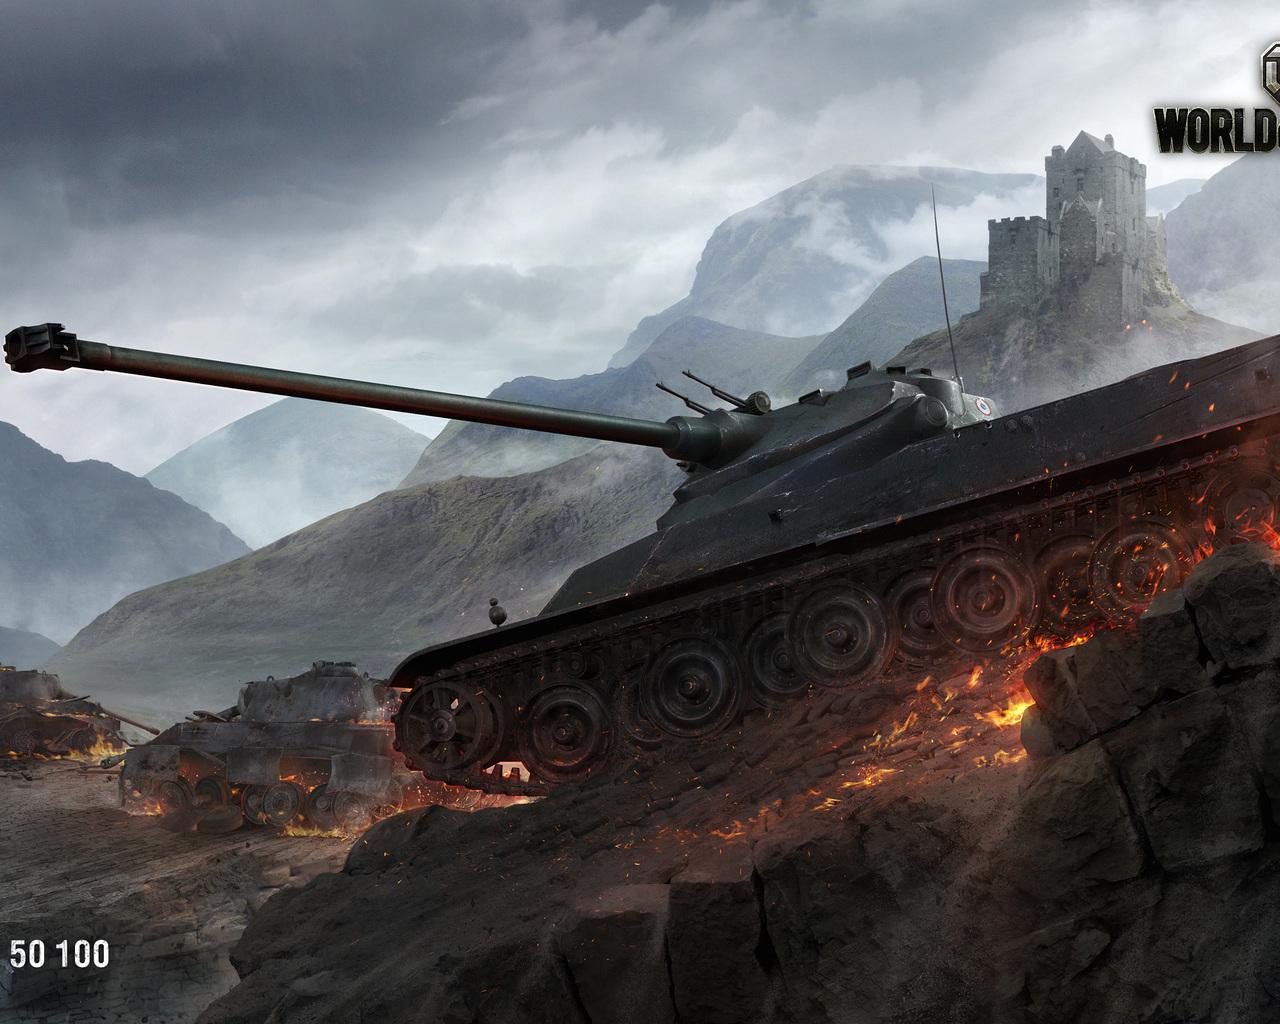 world-of-tanks-amx-50.jpg